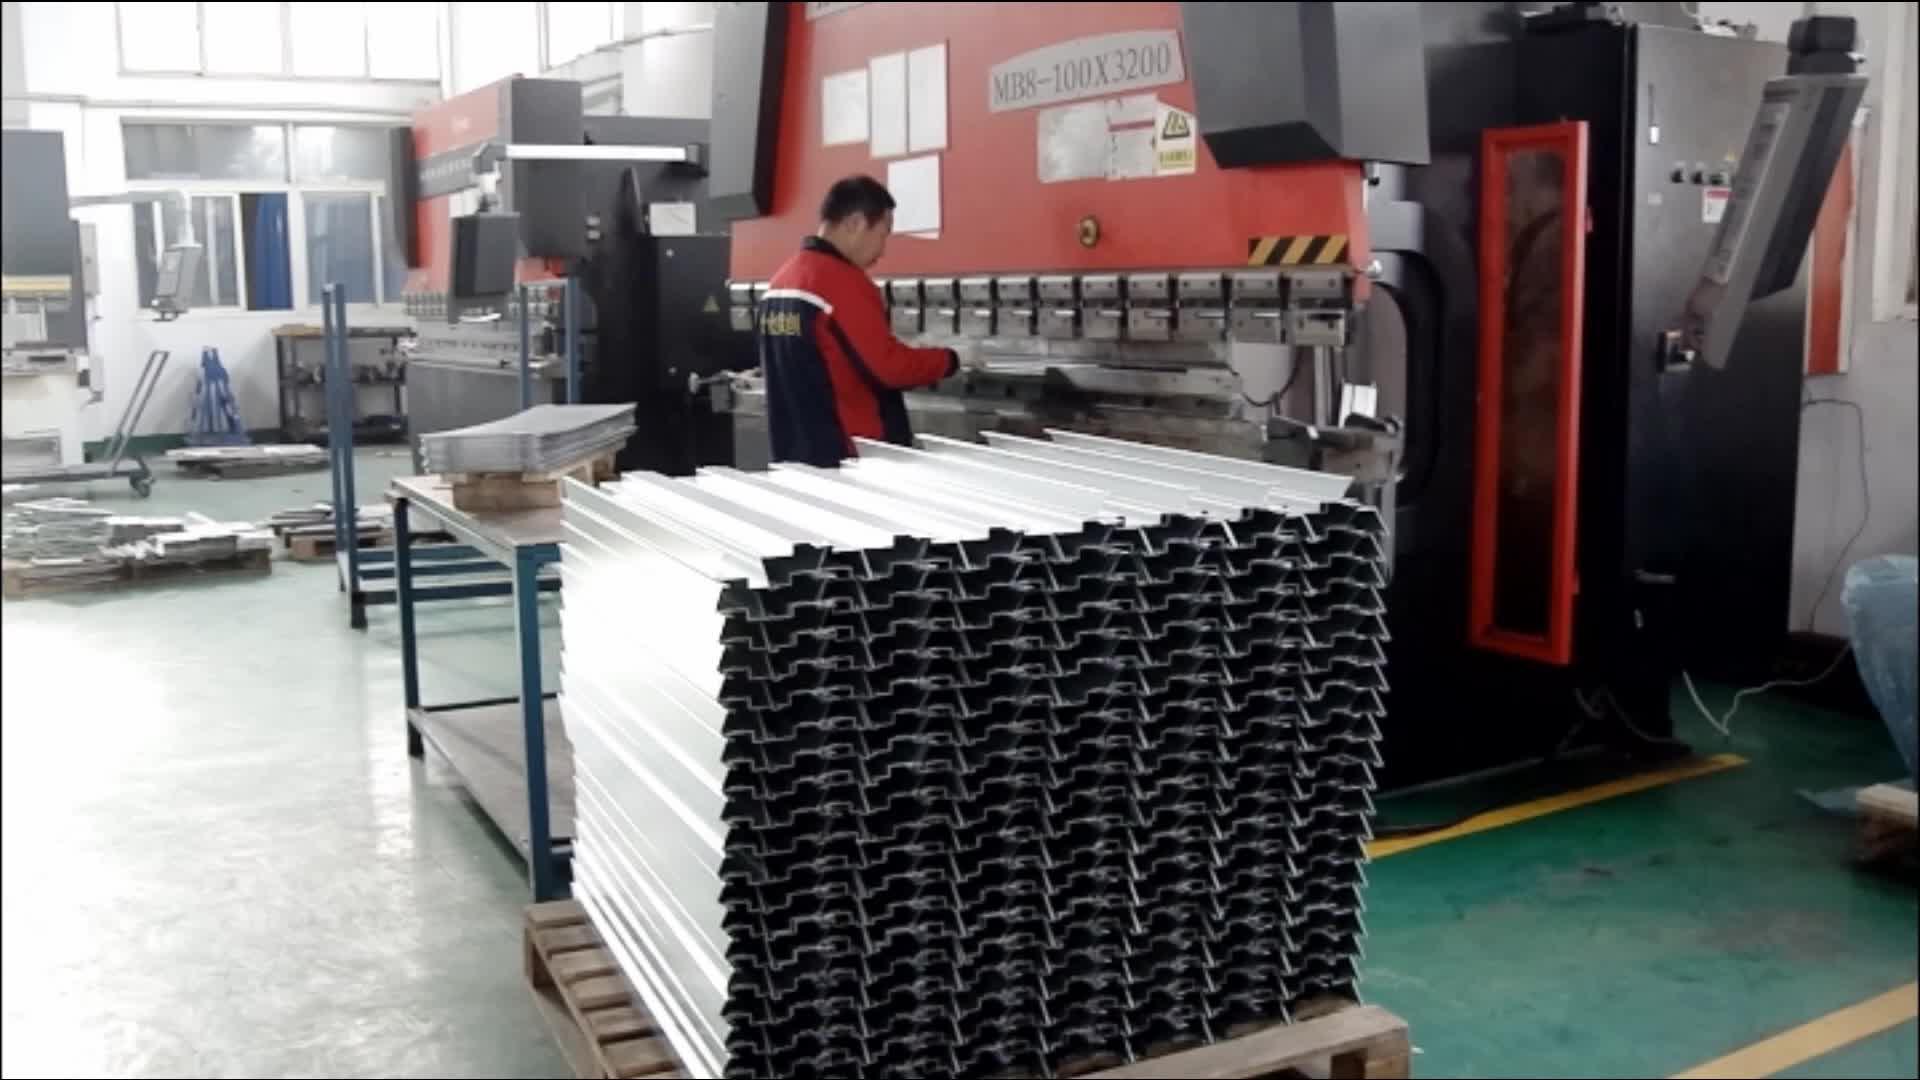 شنغهاي التدريجي لحام النسيج الصفائح المعدنية العمل قطع غيار السيارات